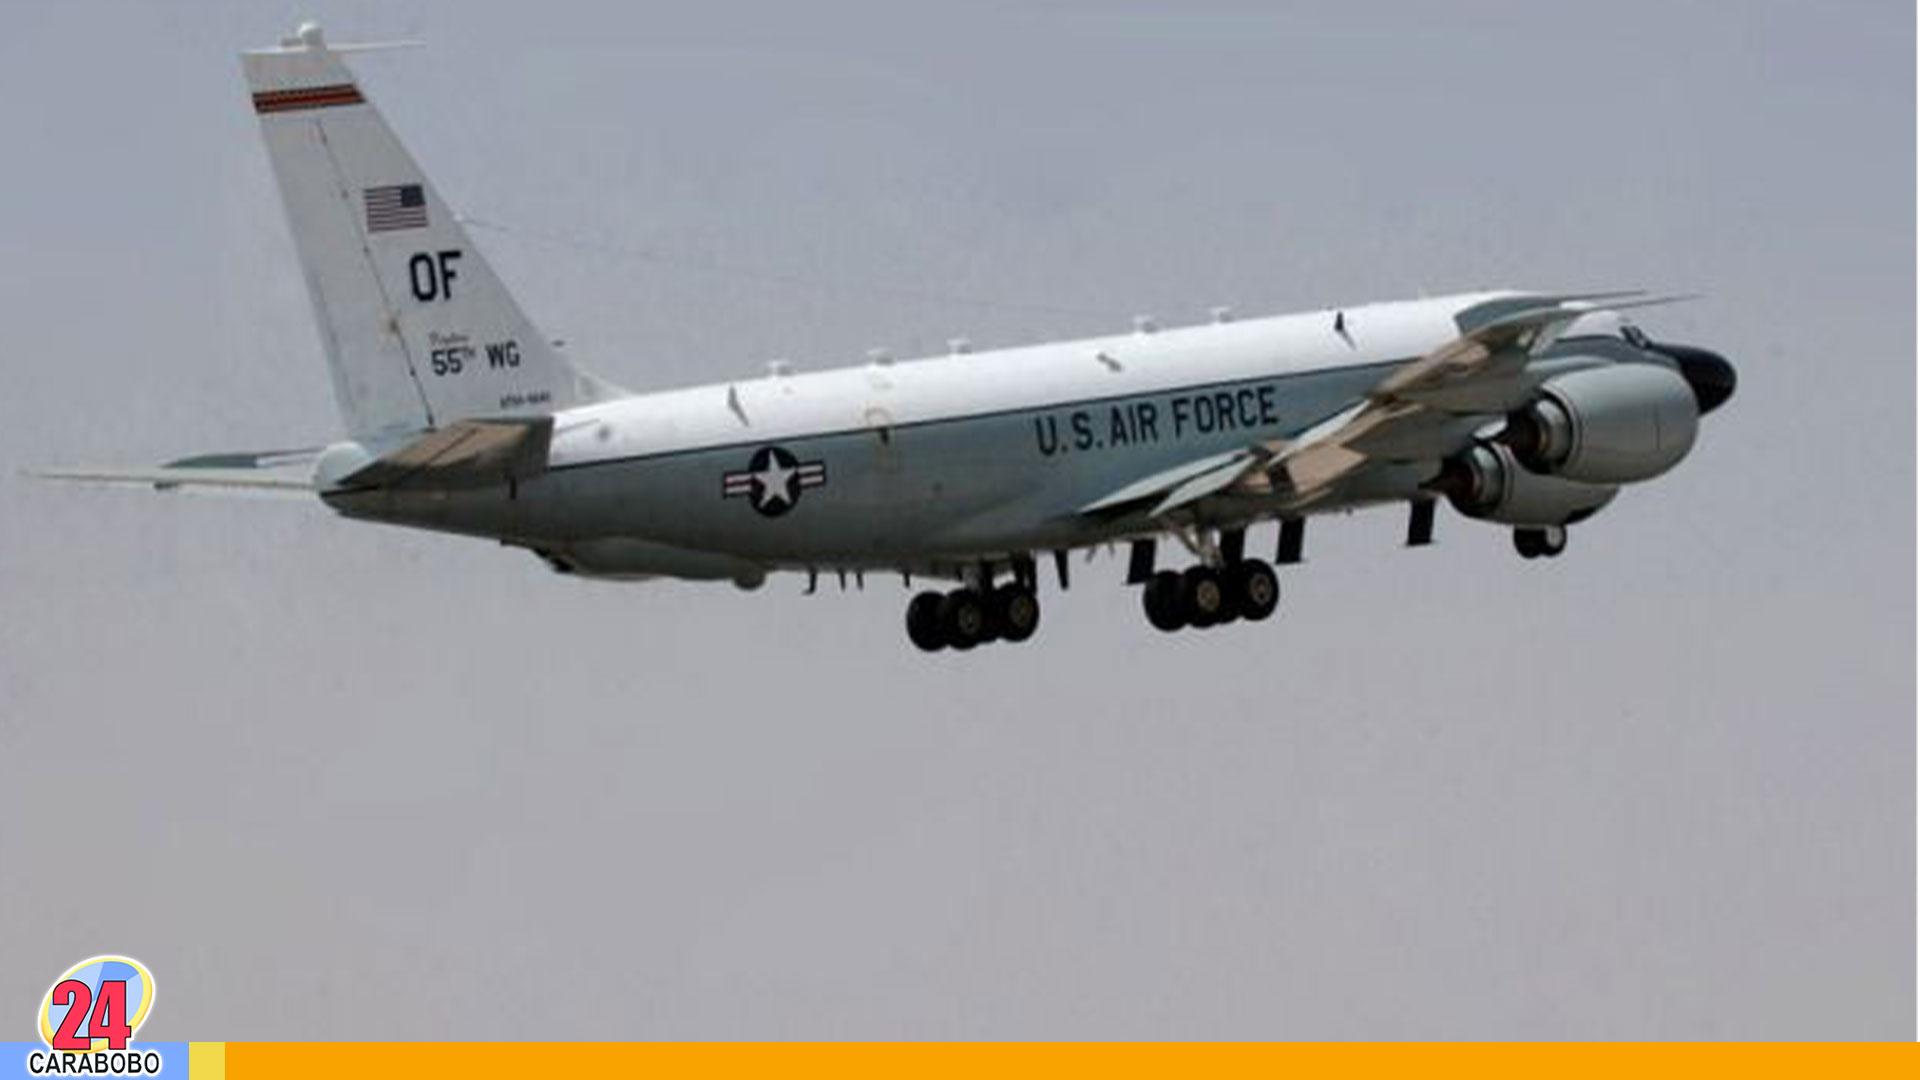 Violación del espacio aéreo - Violación del espacio aéreo